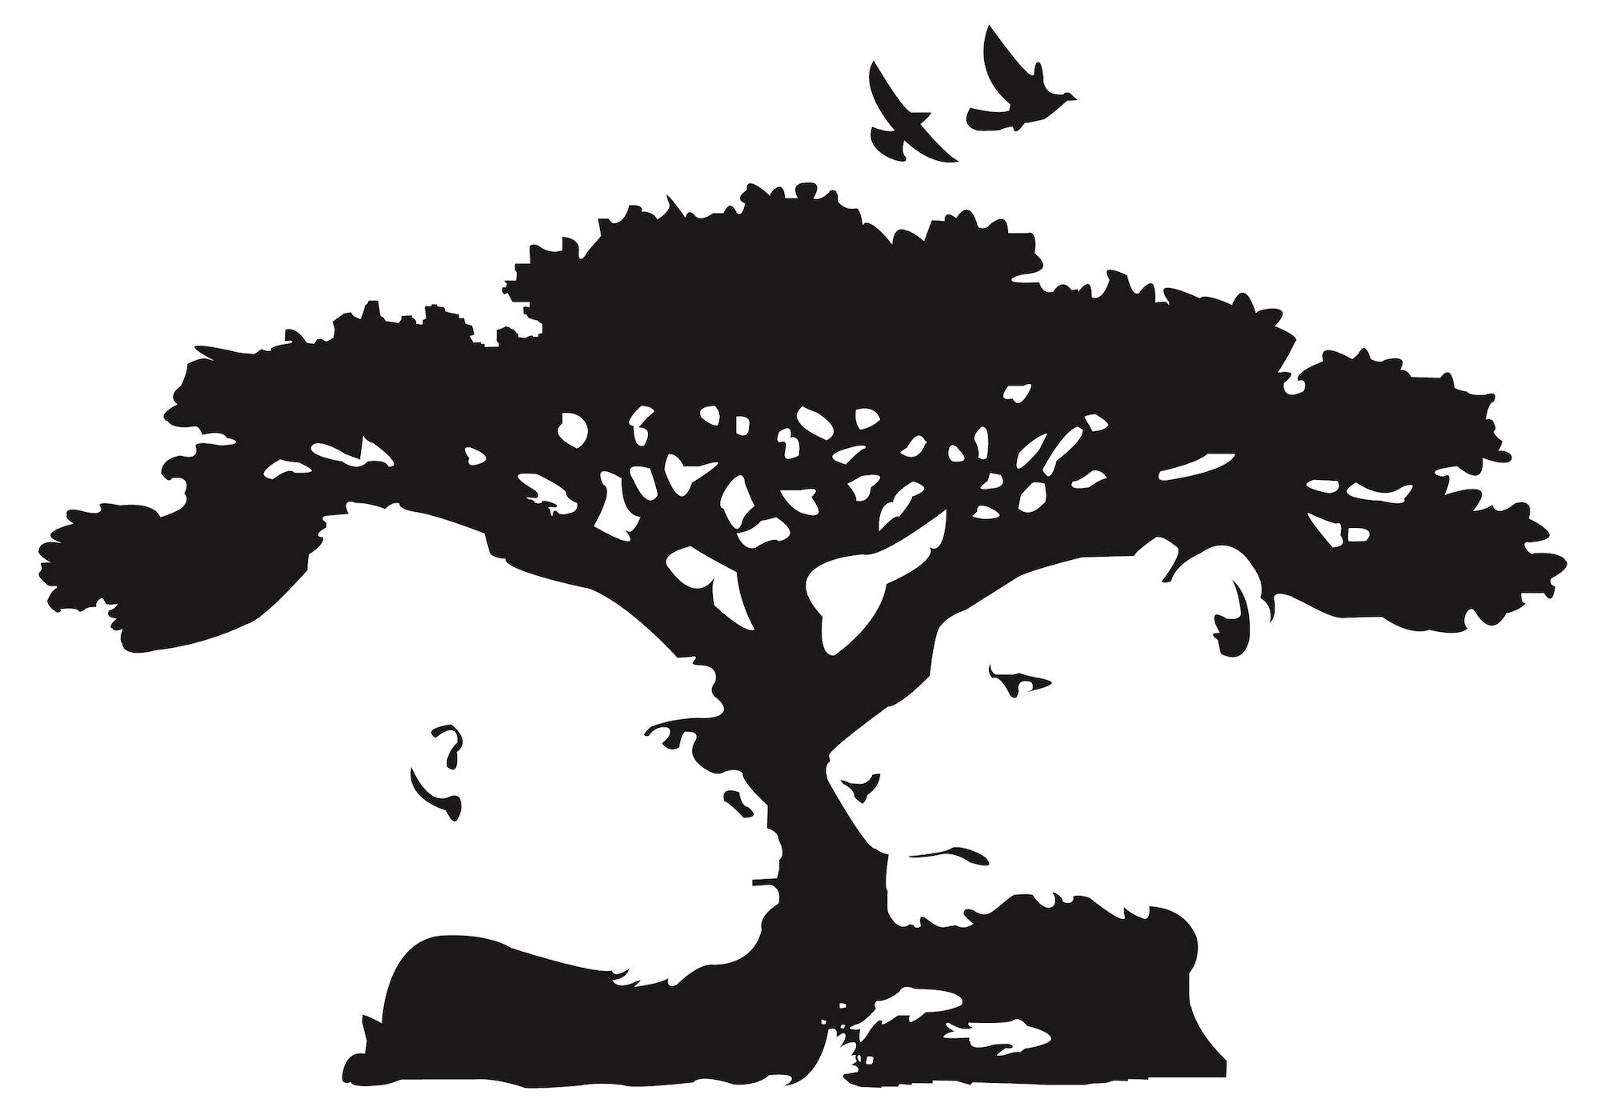 Có phải bạn nhìn thấy được cả 2 bức tranh: 1 là hình ảnh cây với vài chú chim; 2 là con sư tử và khỉ đột đang nhìn chằm chằm nhau đúng không? (Logo của vườn bách thú Pittsburgh Zoo & PPG Aquarium)